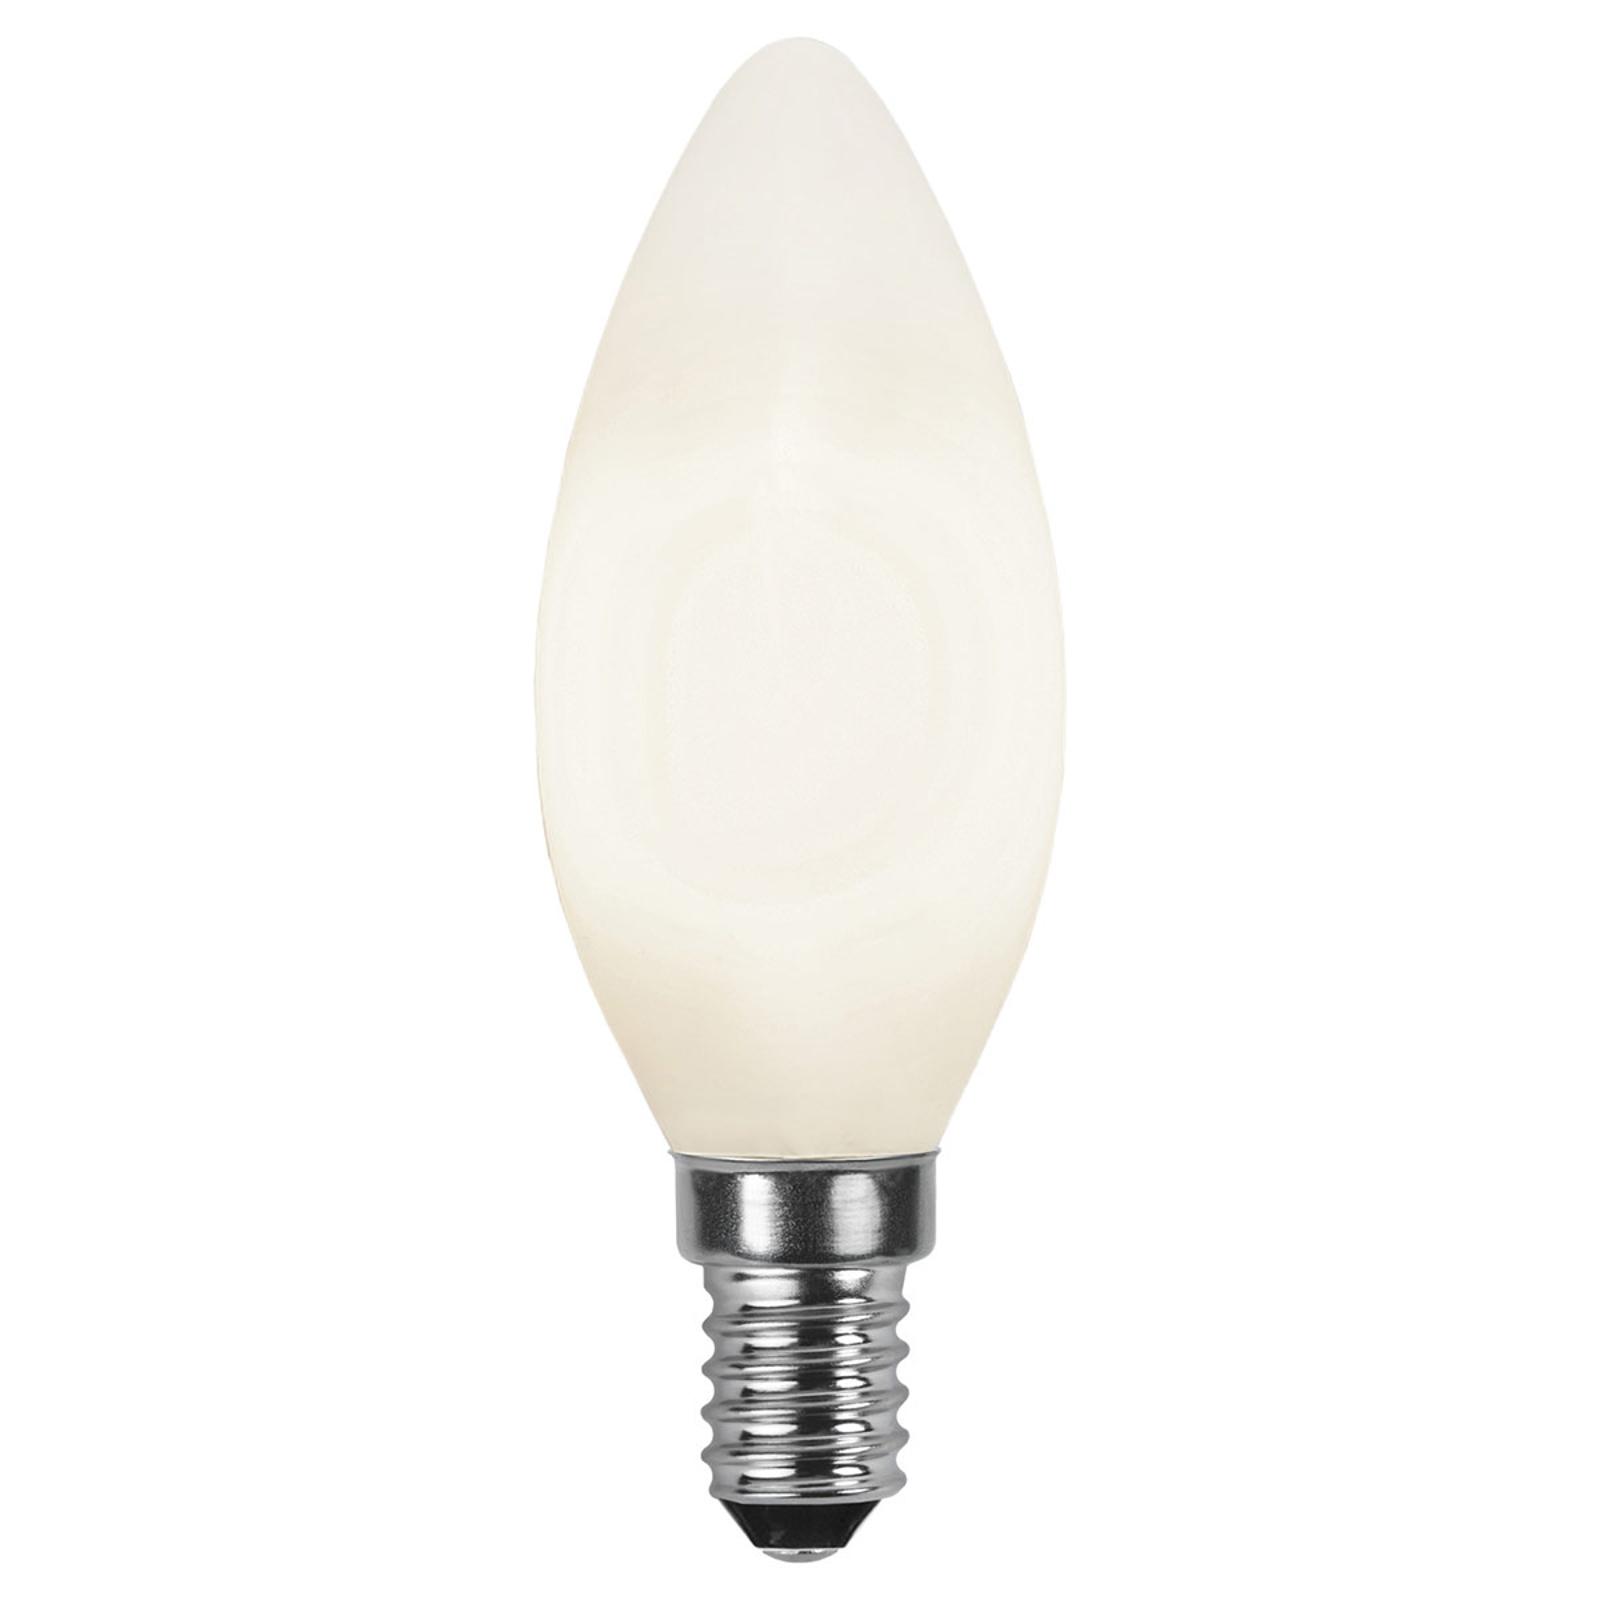 LED-Kerzenlampe E14 2.700K opal Ra90 4,7W günstig online kaufen